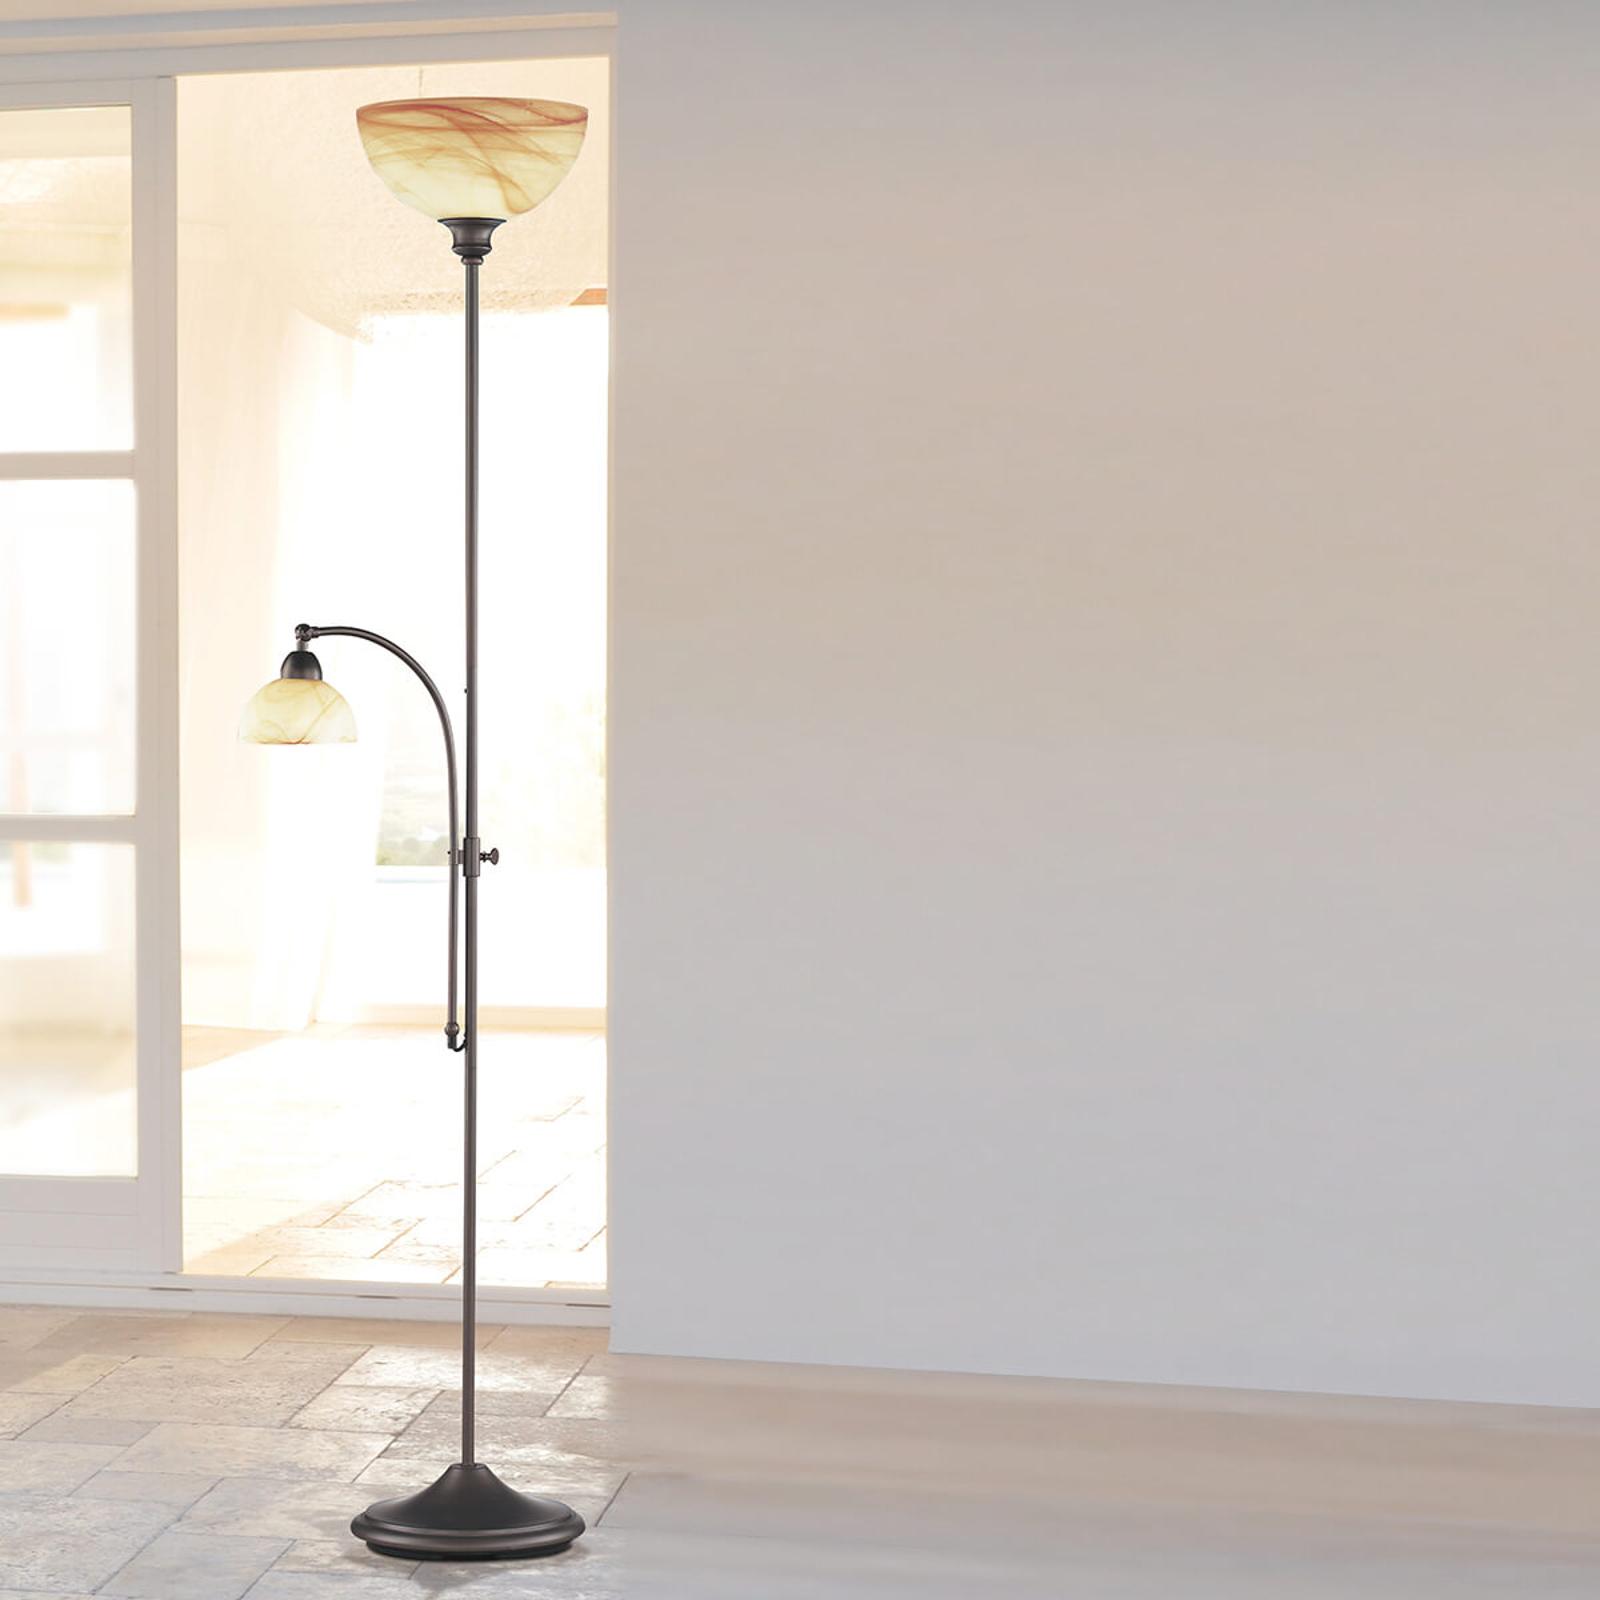 Lampa stojąca Lacchino ze ściemniaczem w podstawie